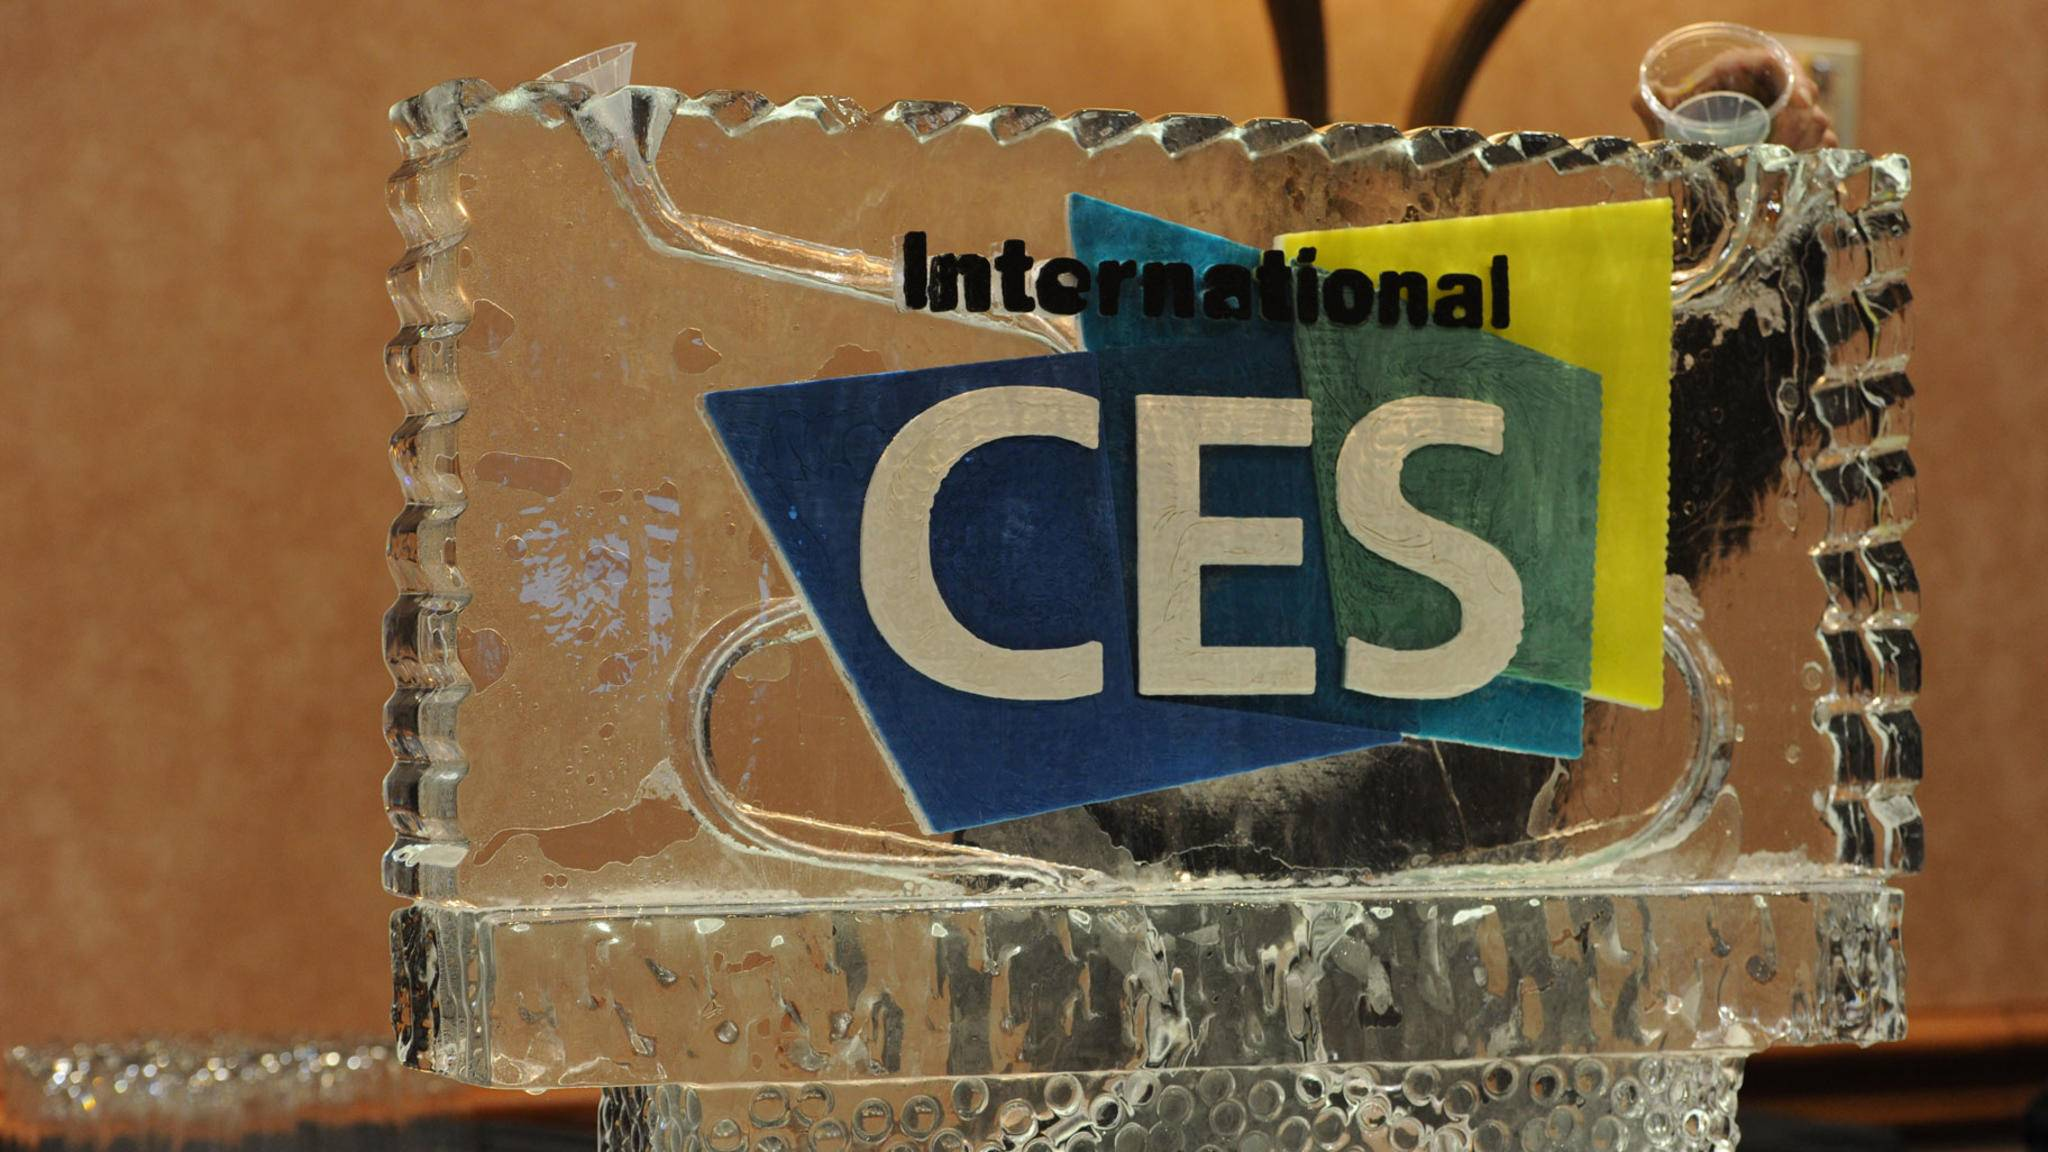 Smart Home, Roboter und Virtual Reality: Die CES 2017 deckt viele Themenbereiche ab.